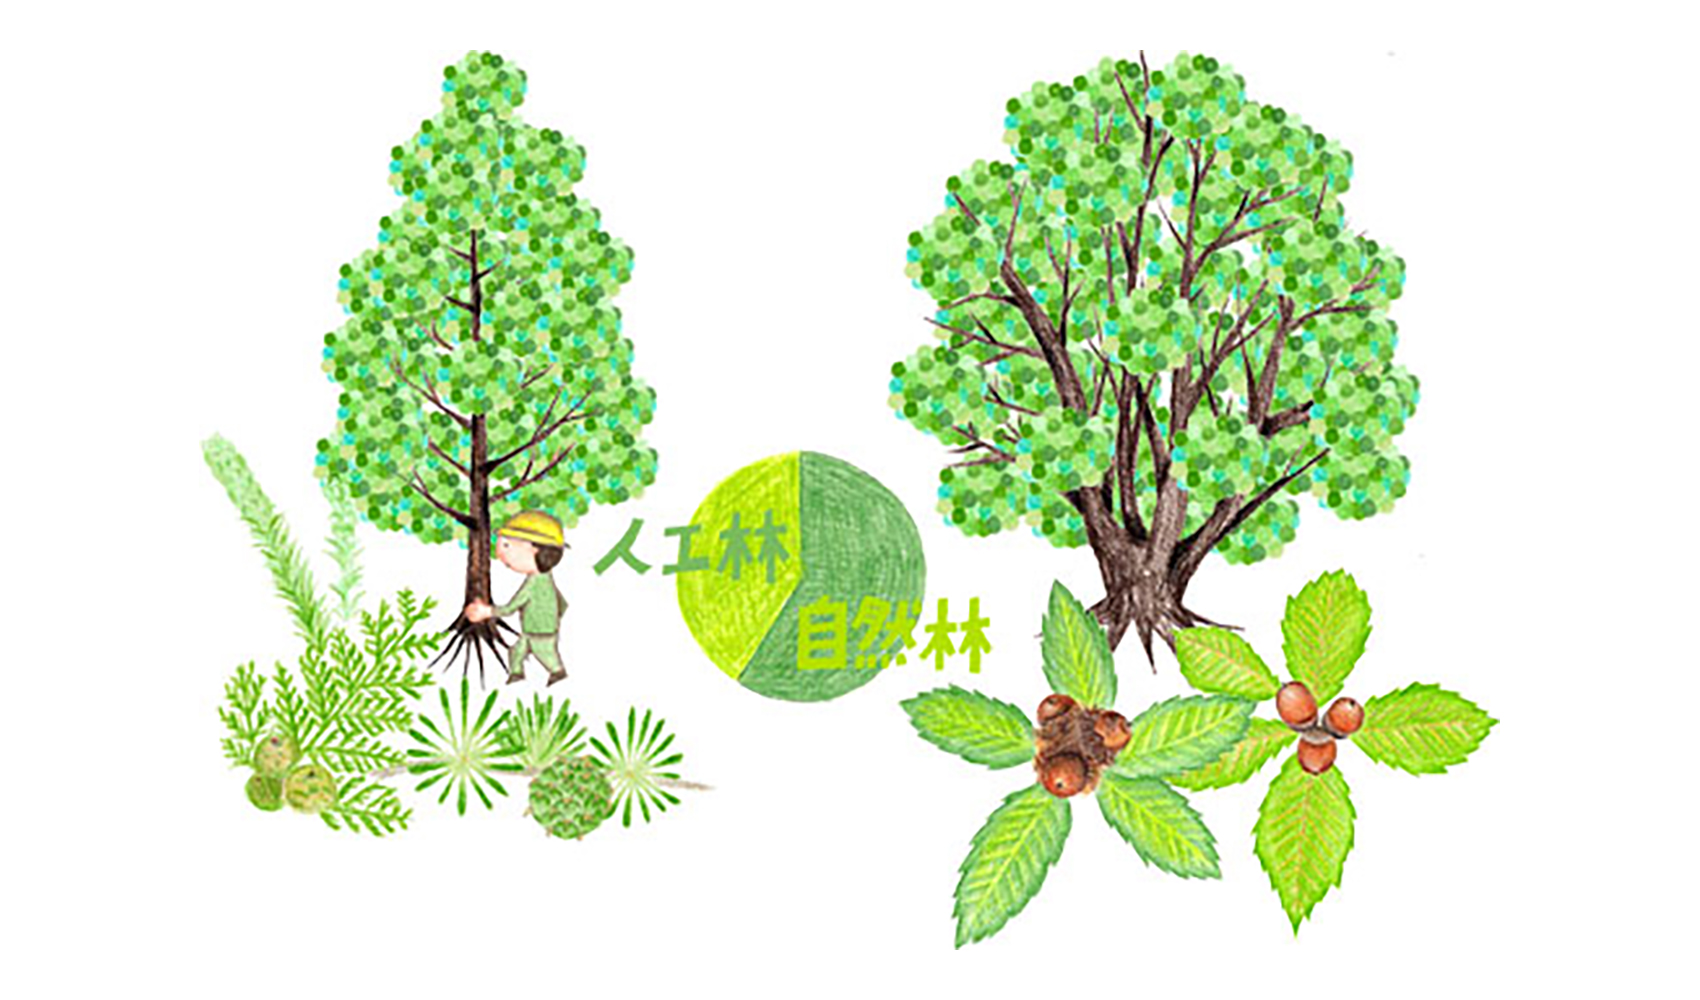 天然林・人工林とはなんですか?